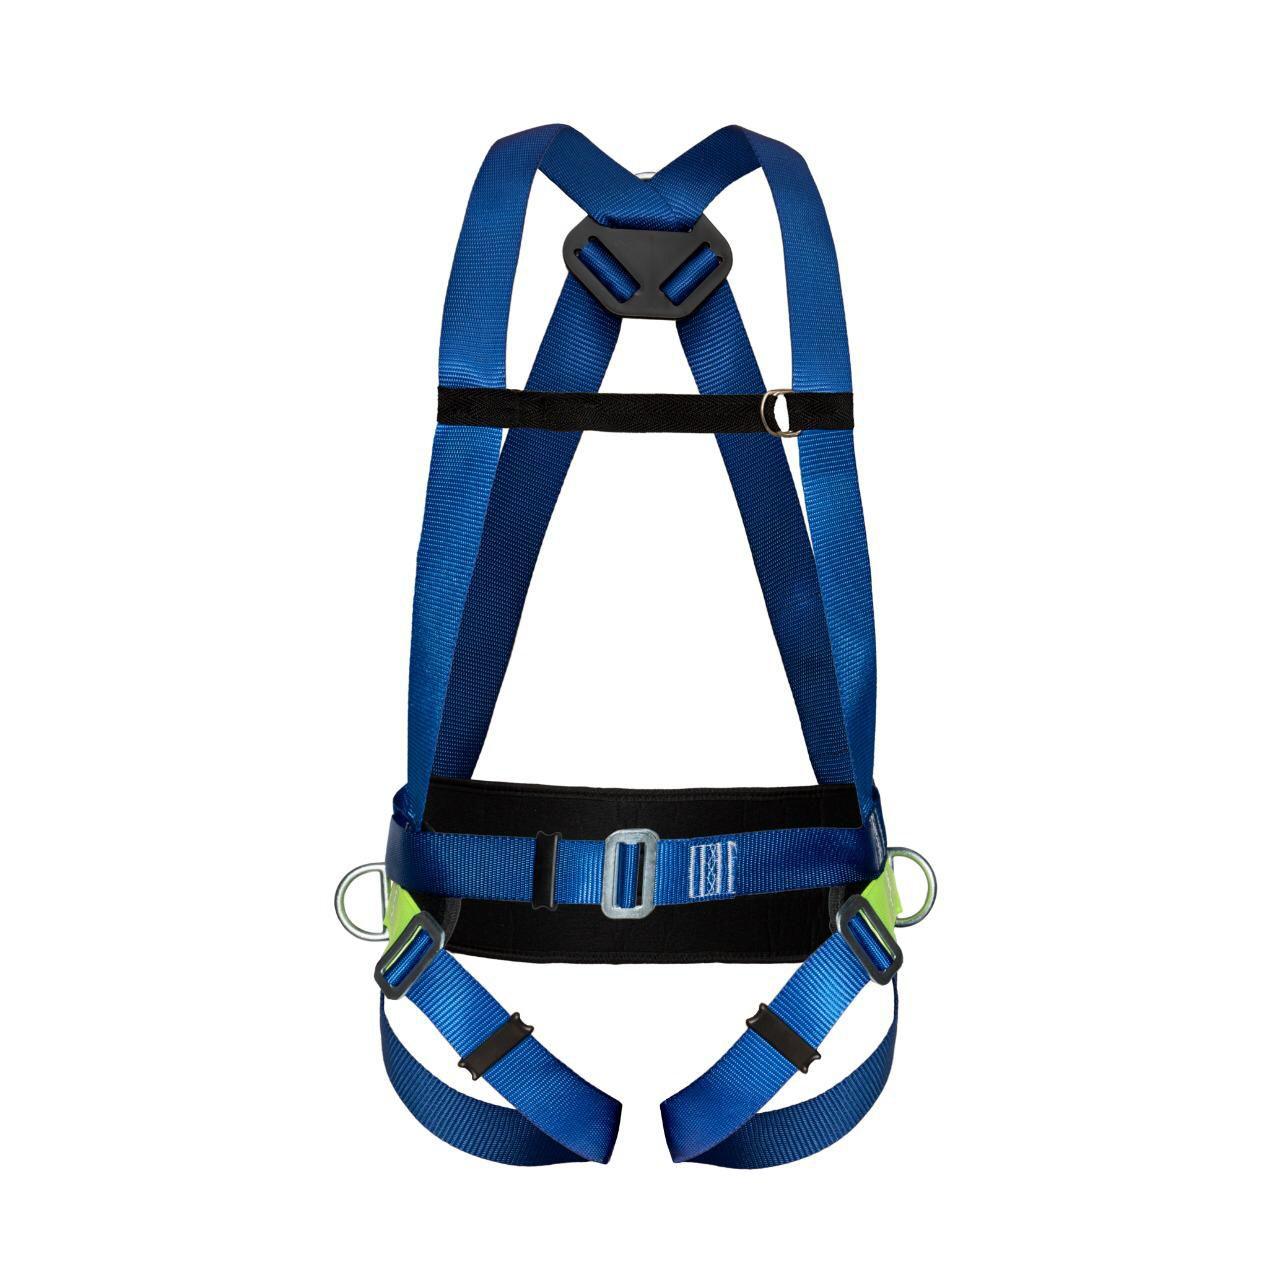 Cinturão Paraquedista 3 Ponto de Ancoragem Proteção Lombar Life 2004